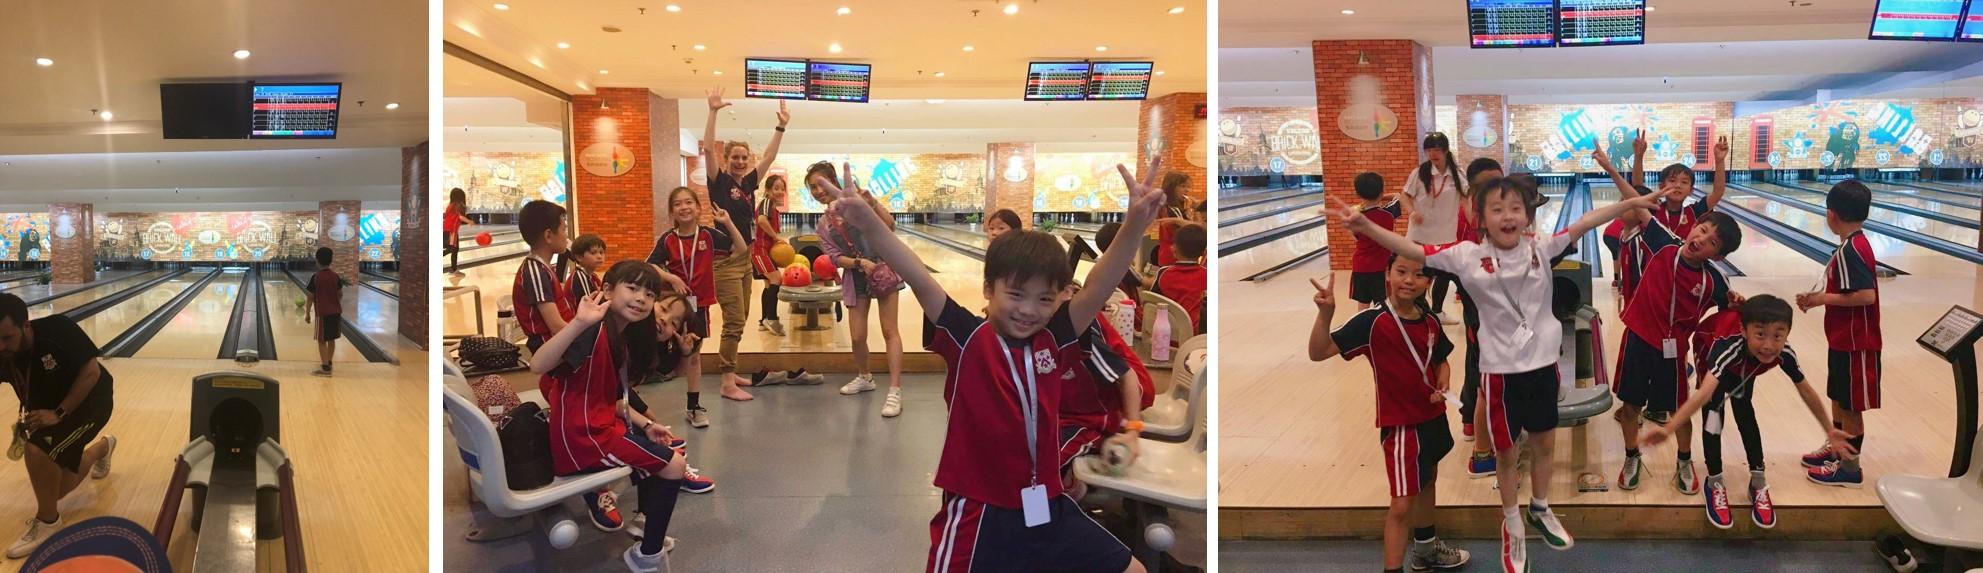 2019-dcb-year-3-residential-bowling-北京德威英国国际学校